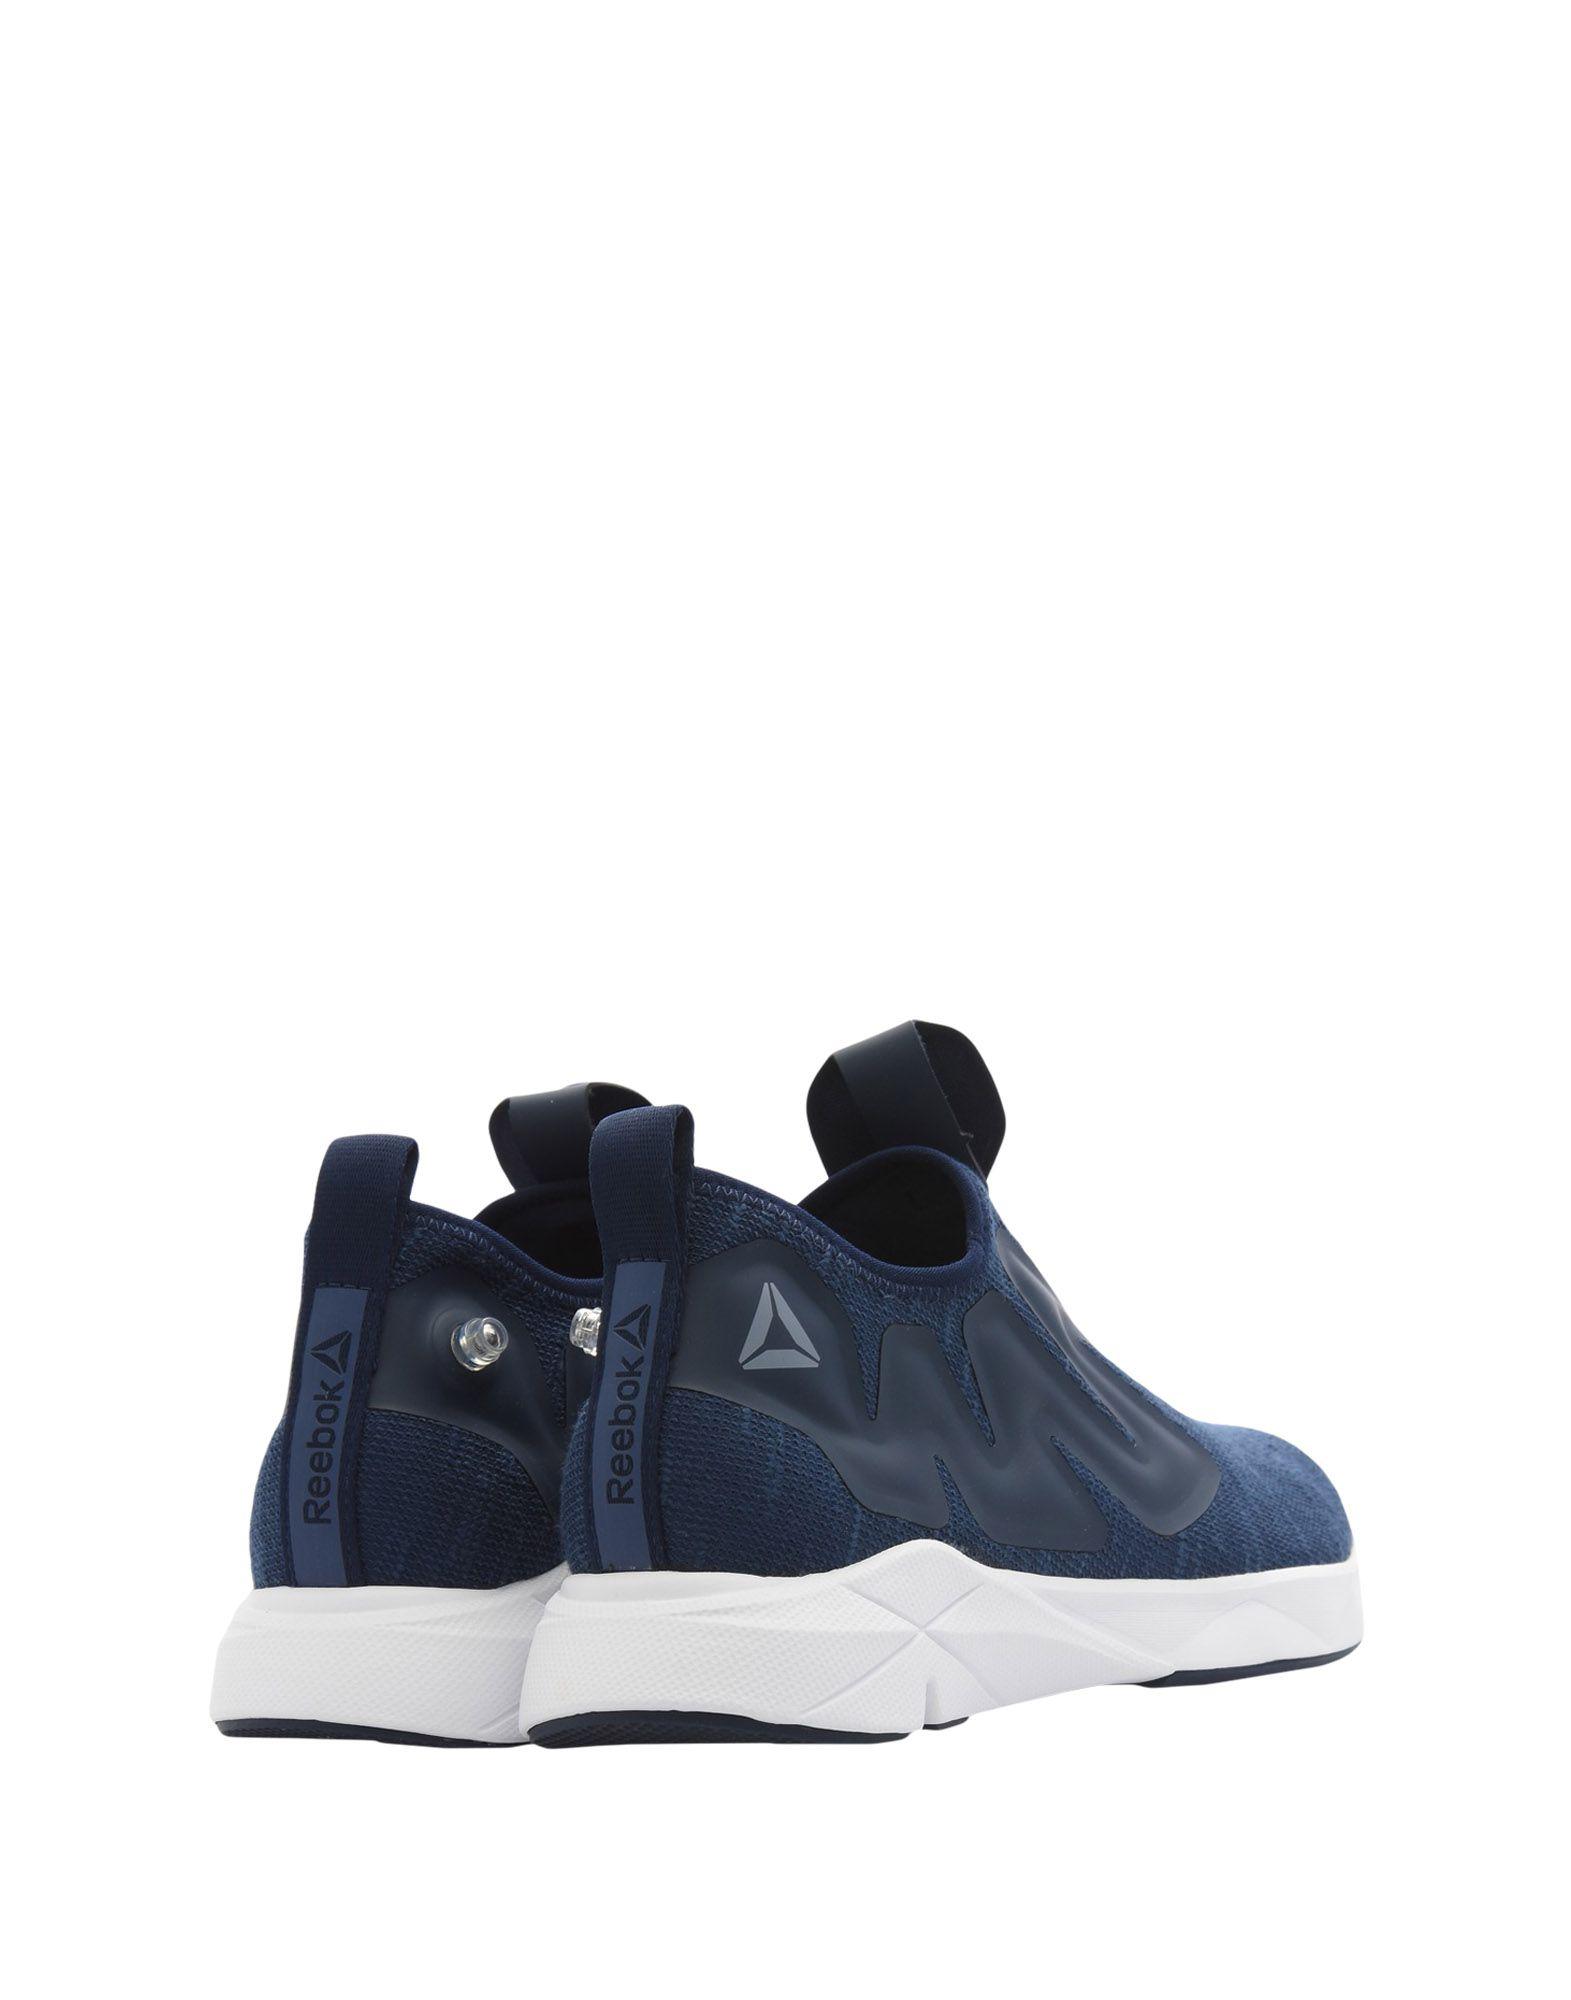 Sneakers Reebok Reebok Pump Supreme - Homme - Sneakers Reebok sur